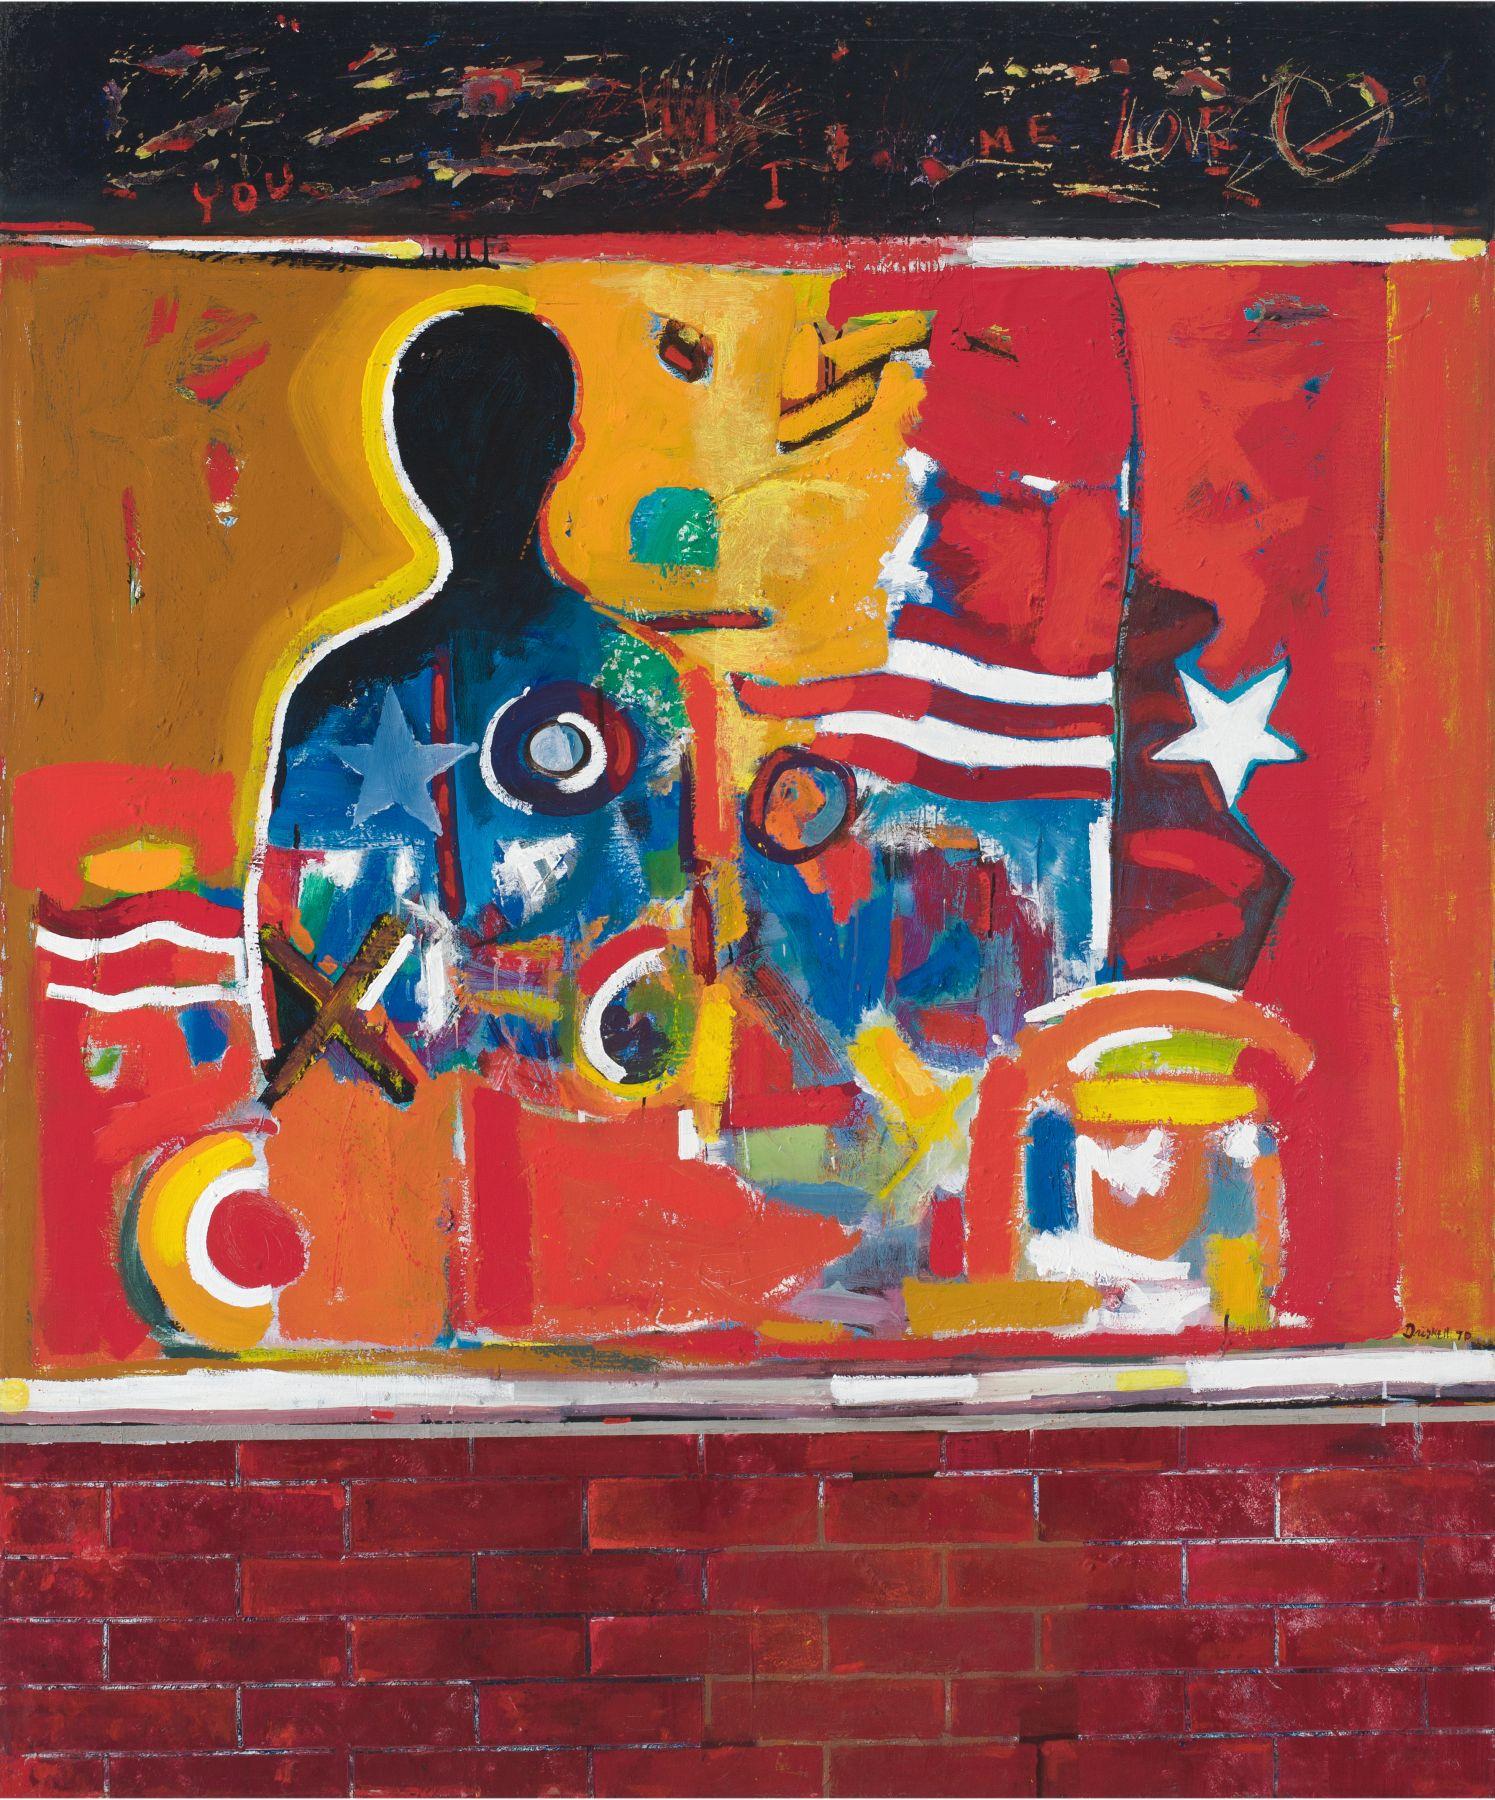 Ghetto Wall #2, 1970